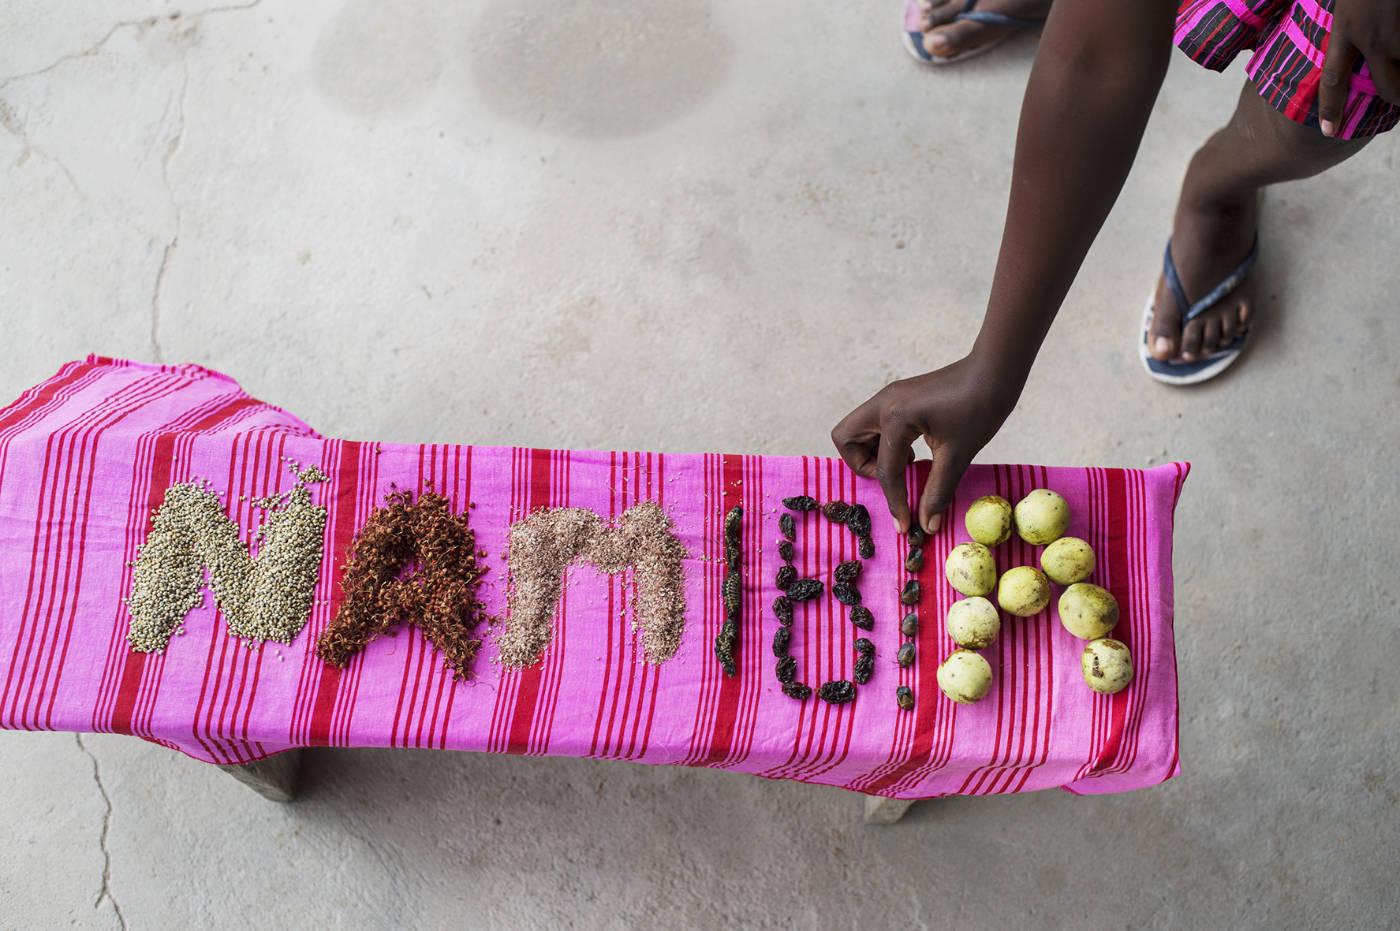 Essen in Namibia. Afrikanische Zutaten für das Afrika Kochbuch Eating with Africa